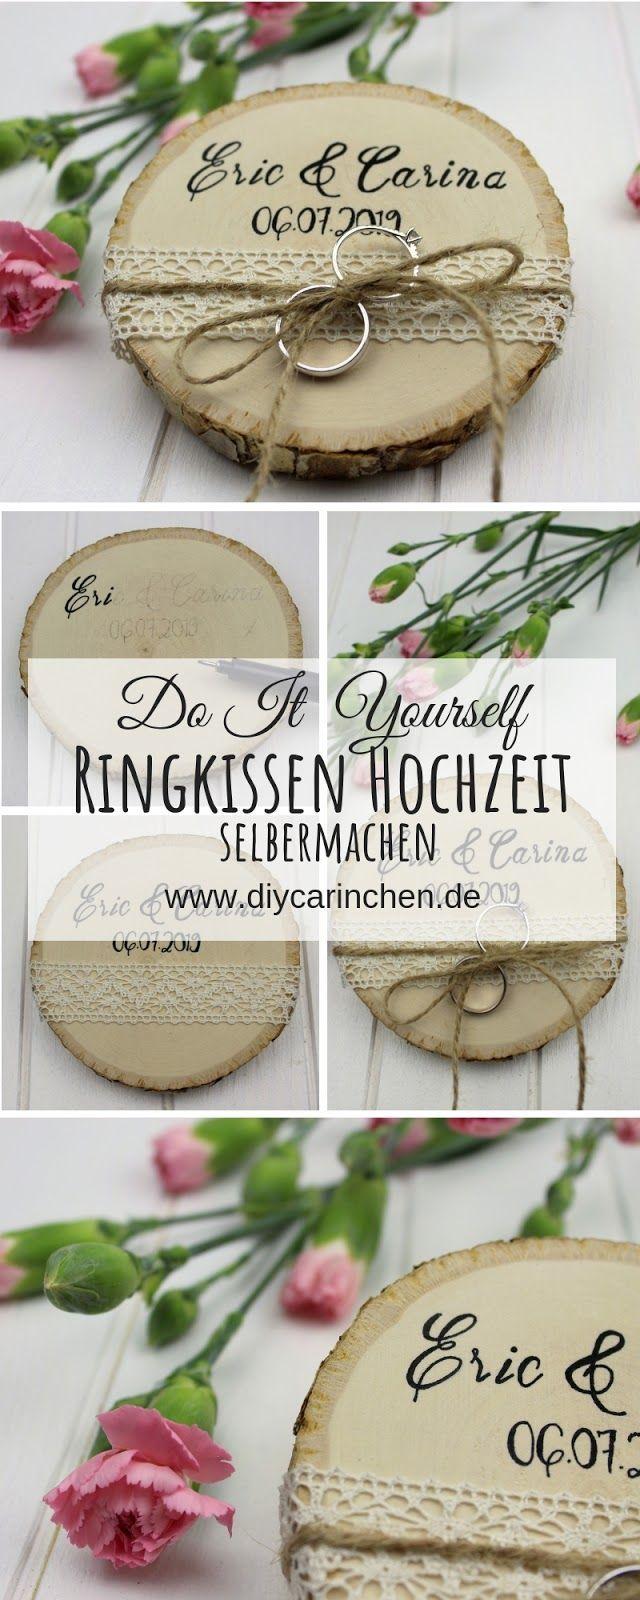 DIY – Rustikales Ringkissen auf einer Baumscheibe ganz einfach selber machen – perfekt für eure Hochzeit